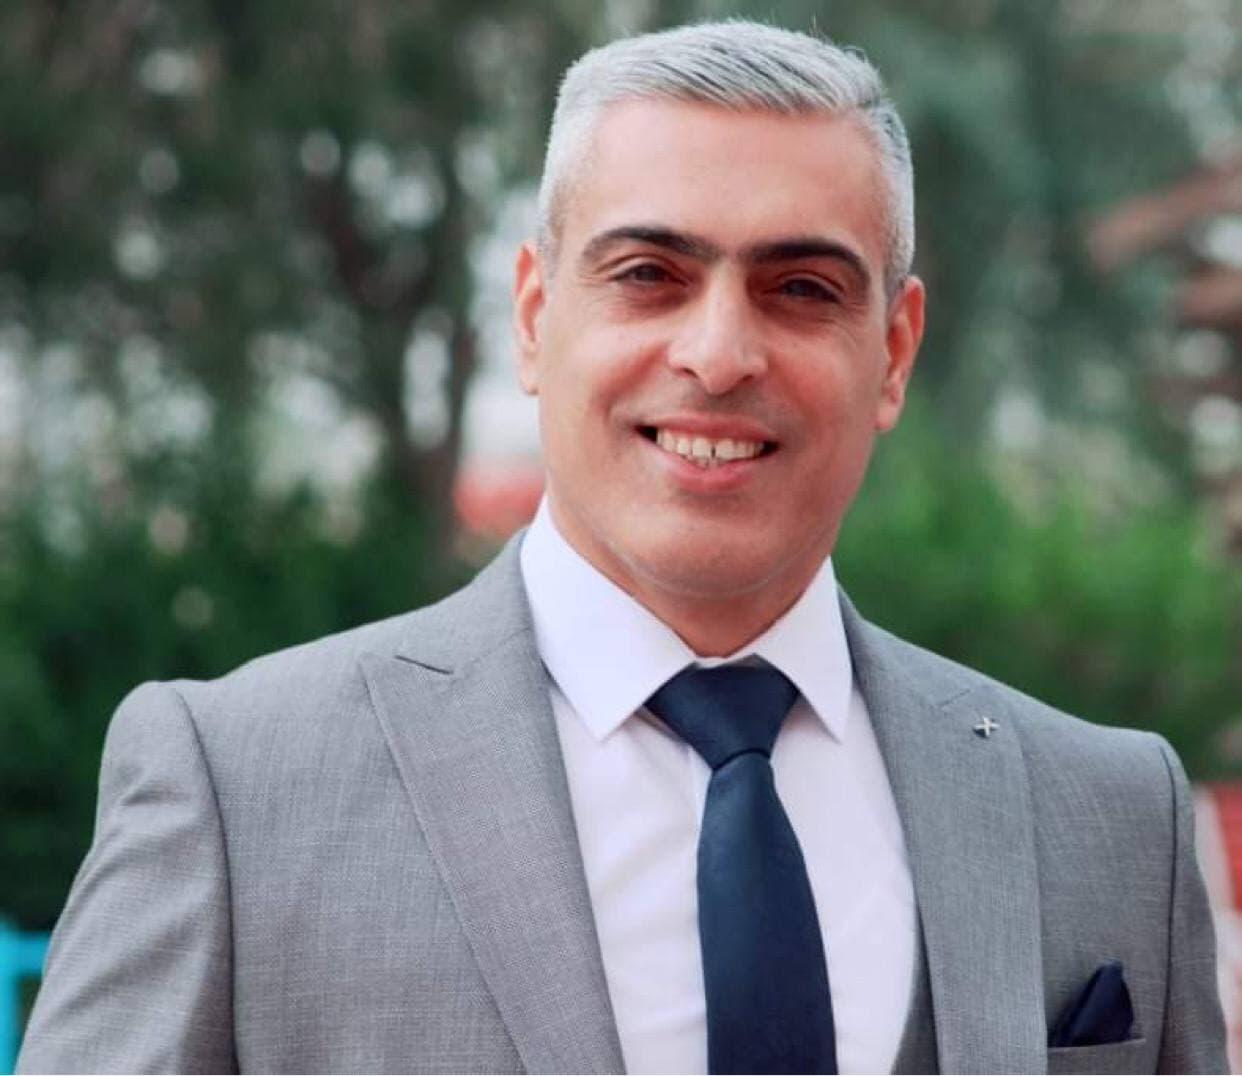 الاستاذ الدكتور فلاح حسن عبد الله